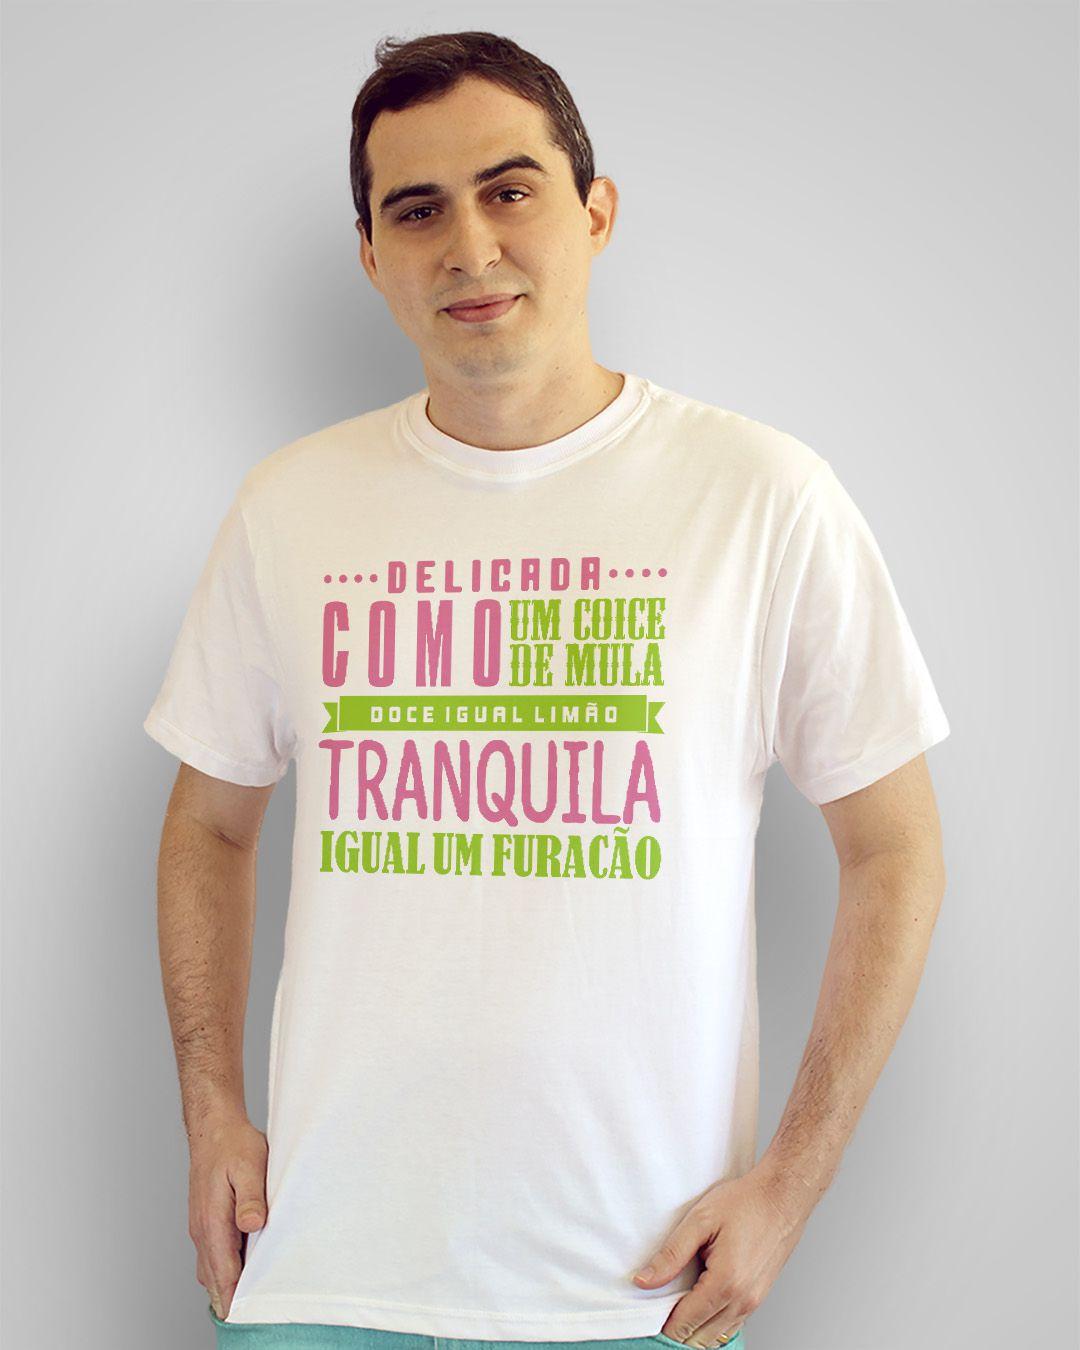 Camiseta Delicada como um coice de mula, doce igual limão, tranquila igual a um furacão